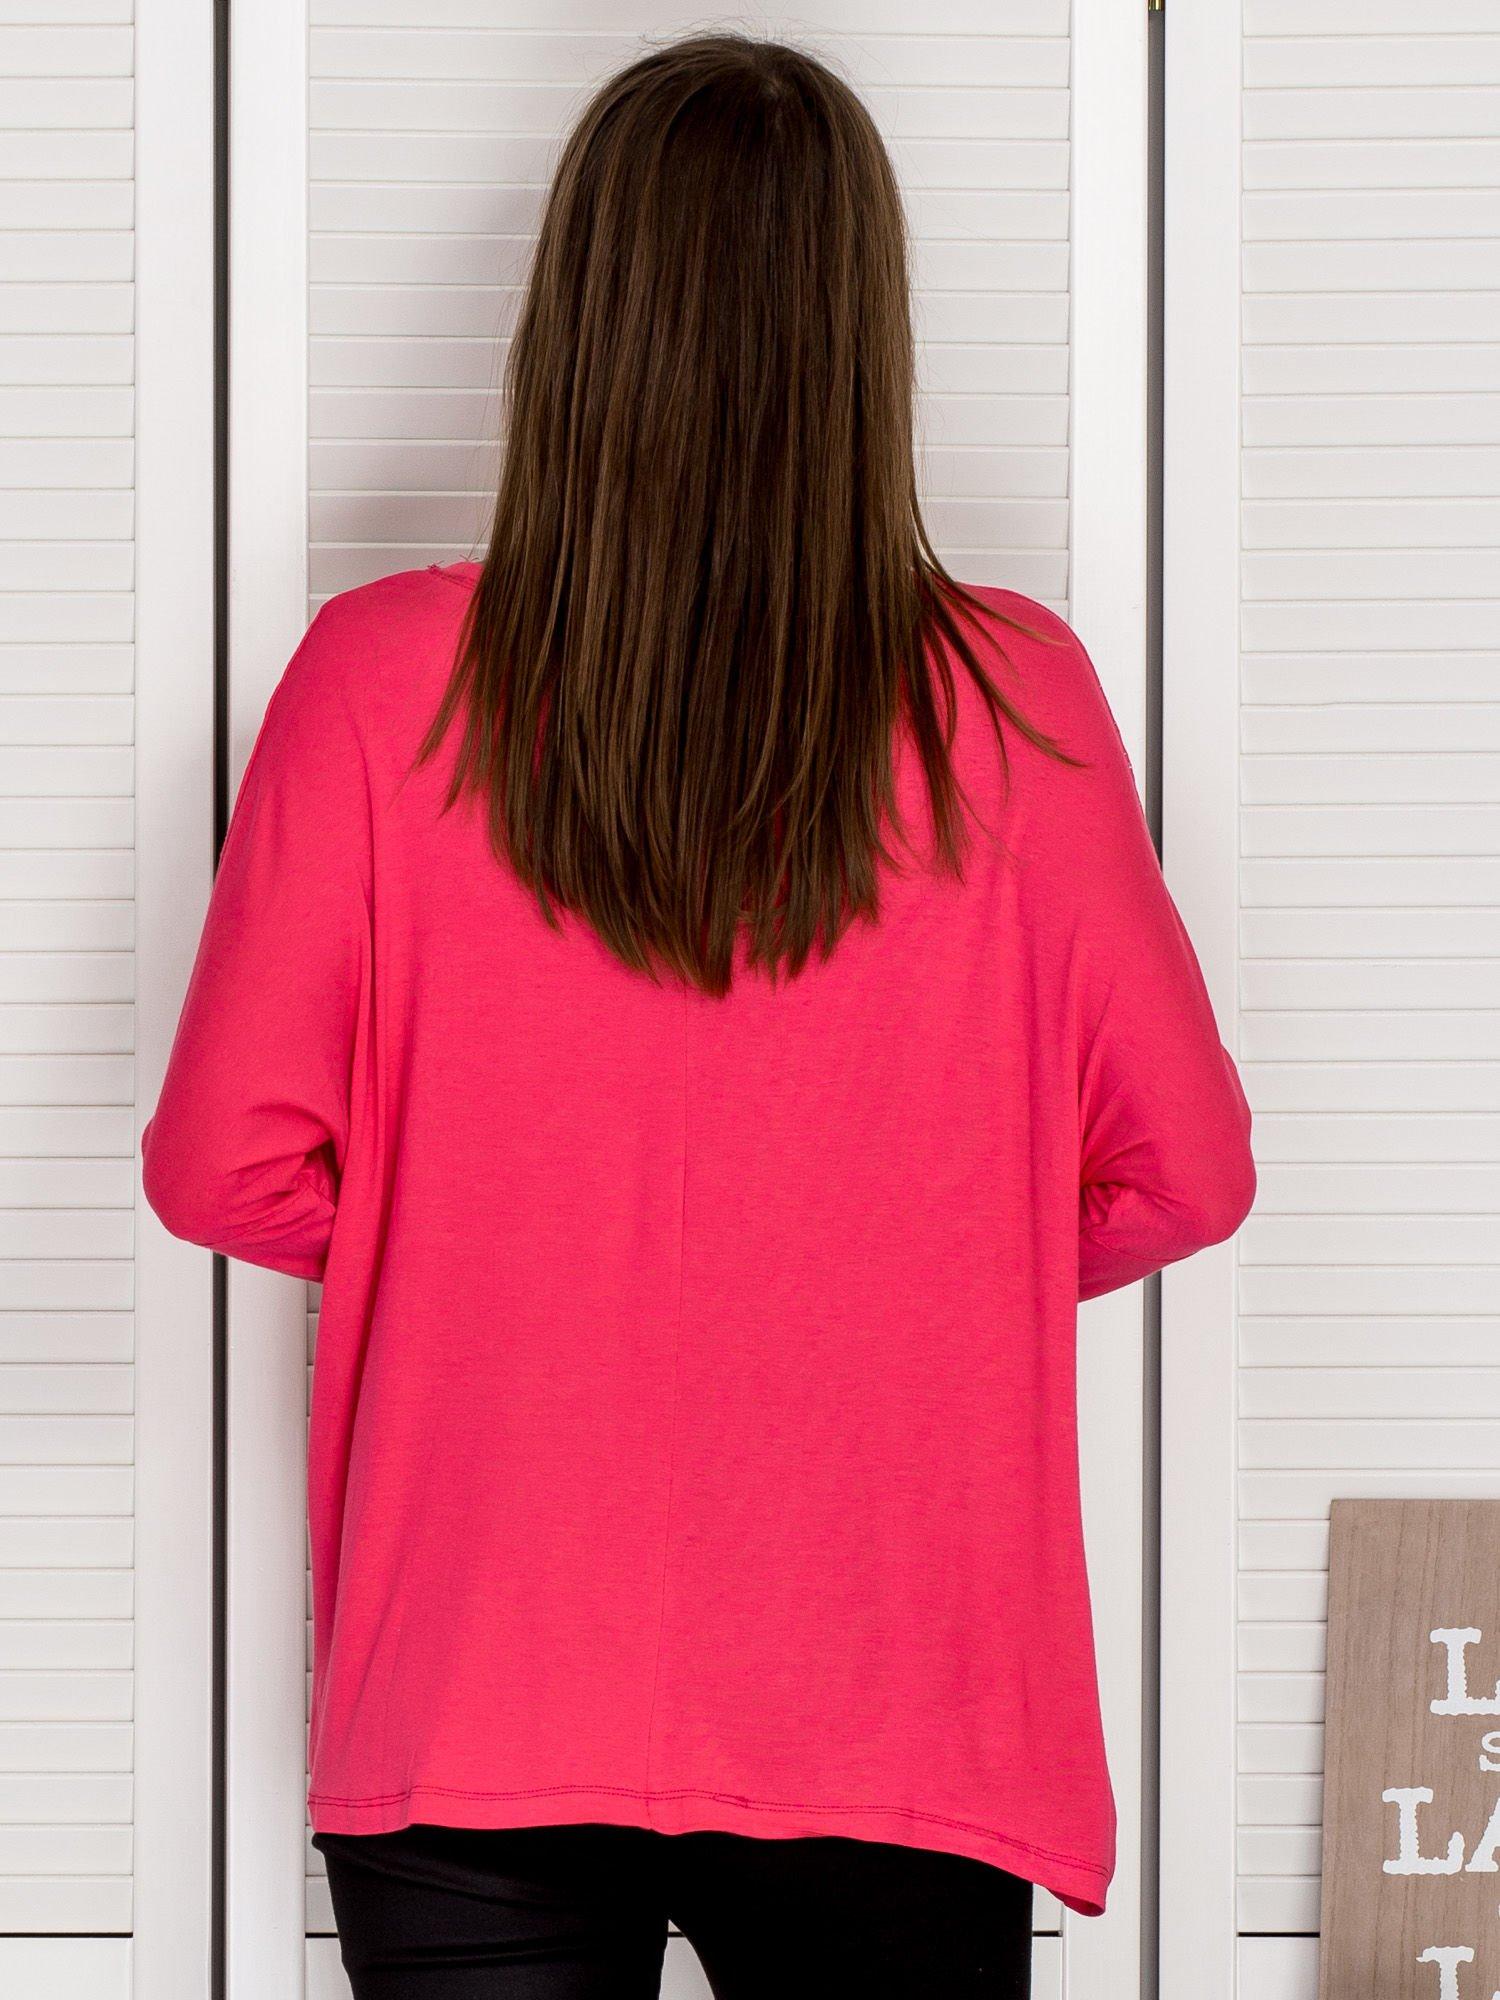 f63d10ca62 Bluzka damska oversize ze srebrnym nadrukiem różowa - Bluzka na co ...